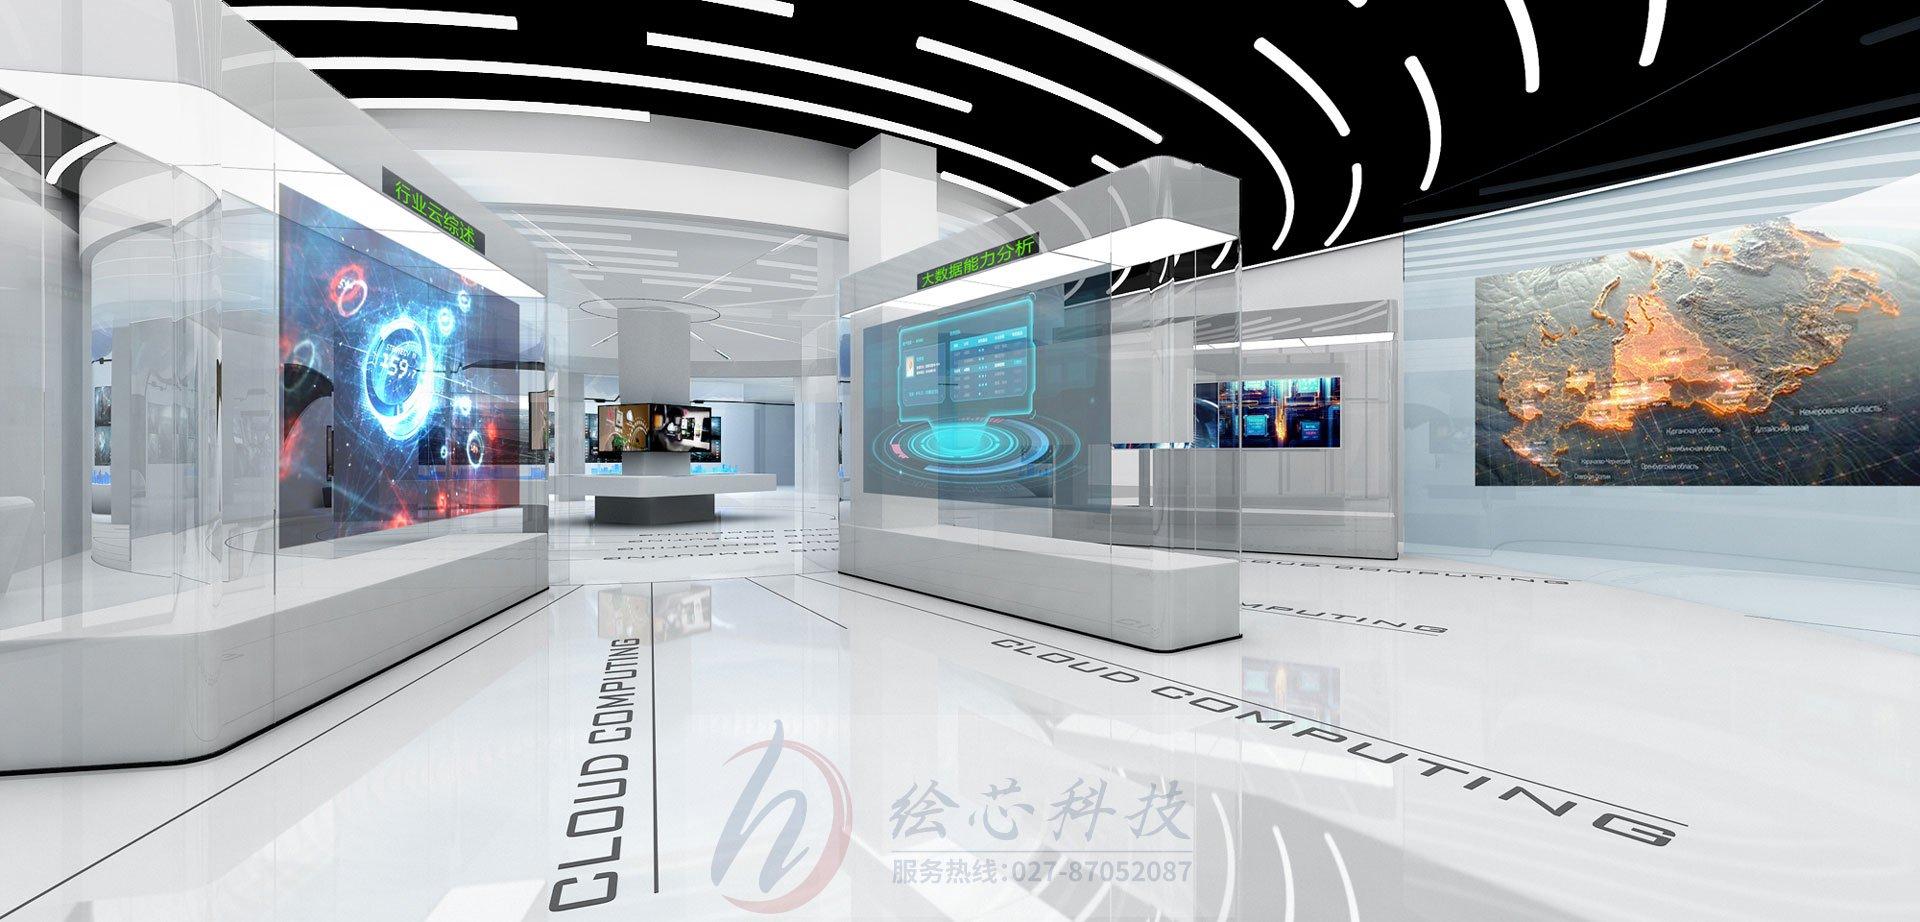 济南轨道屏 中国信息通信研究院(青岛)科技创新中心有限公司招聘启事